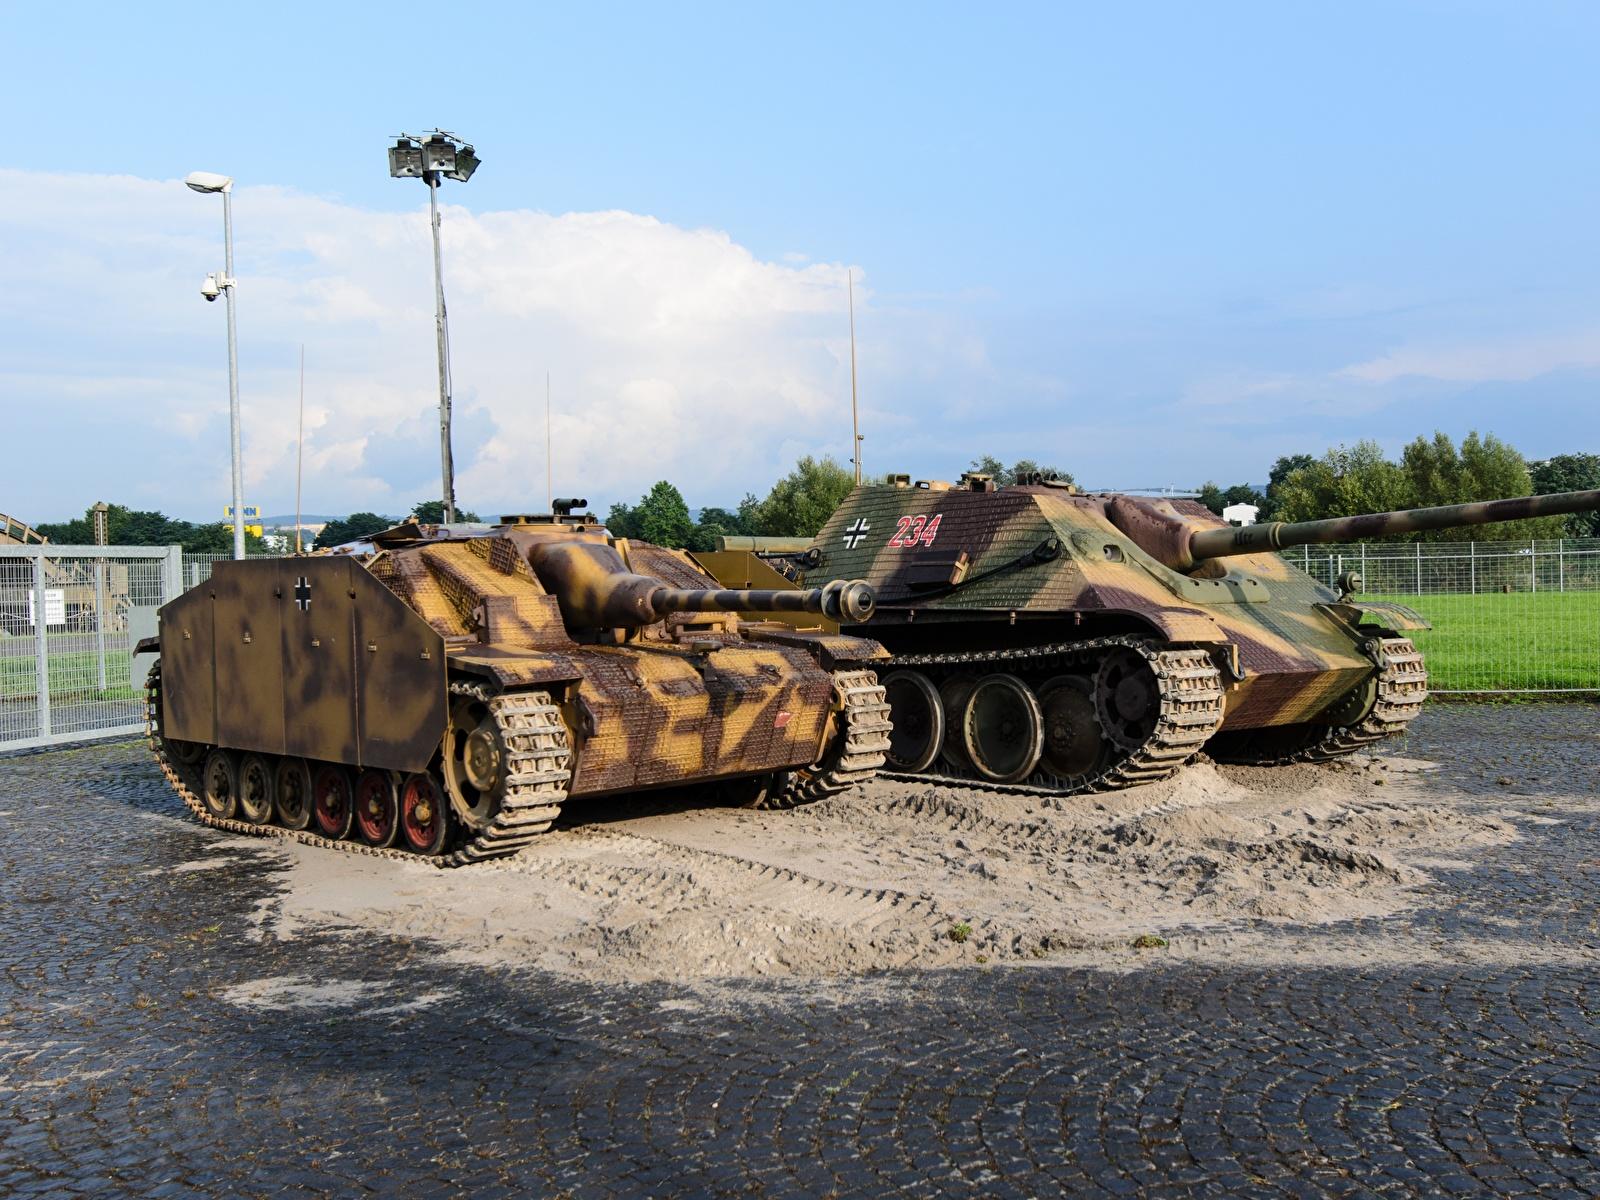 Bilder von Selbstfahrlafette Deutsch Zwei Militär 1600x1200 deutsche deutscher 2 Heer